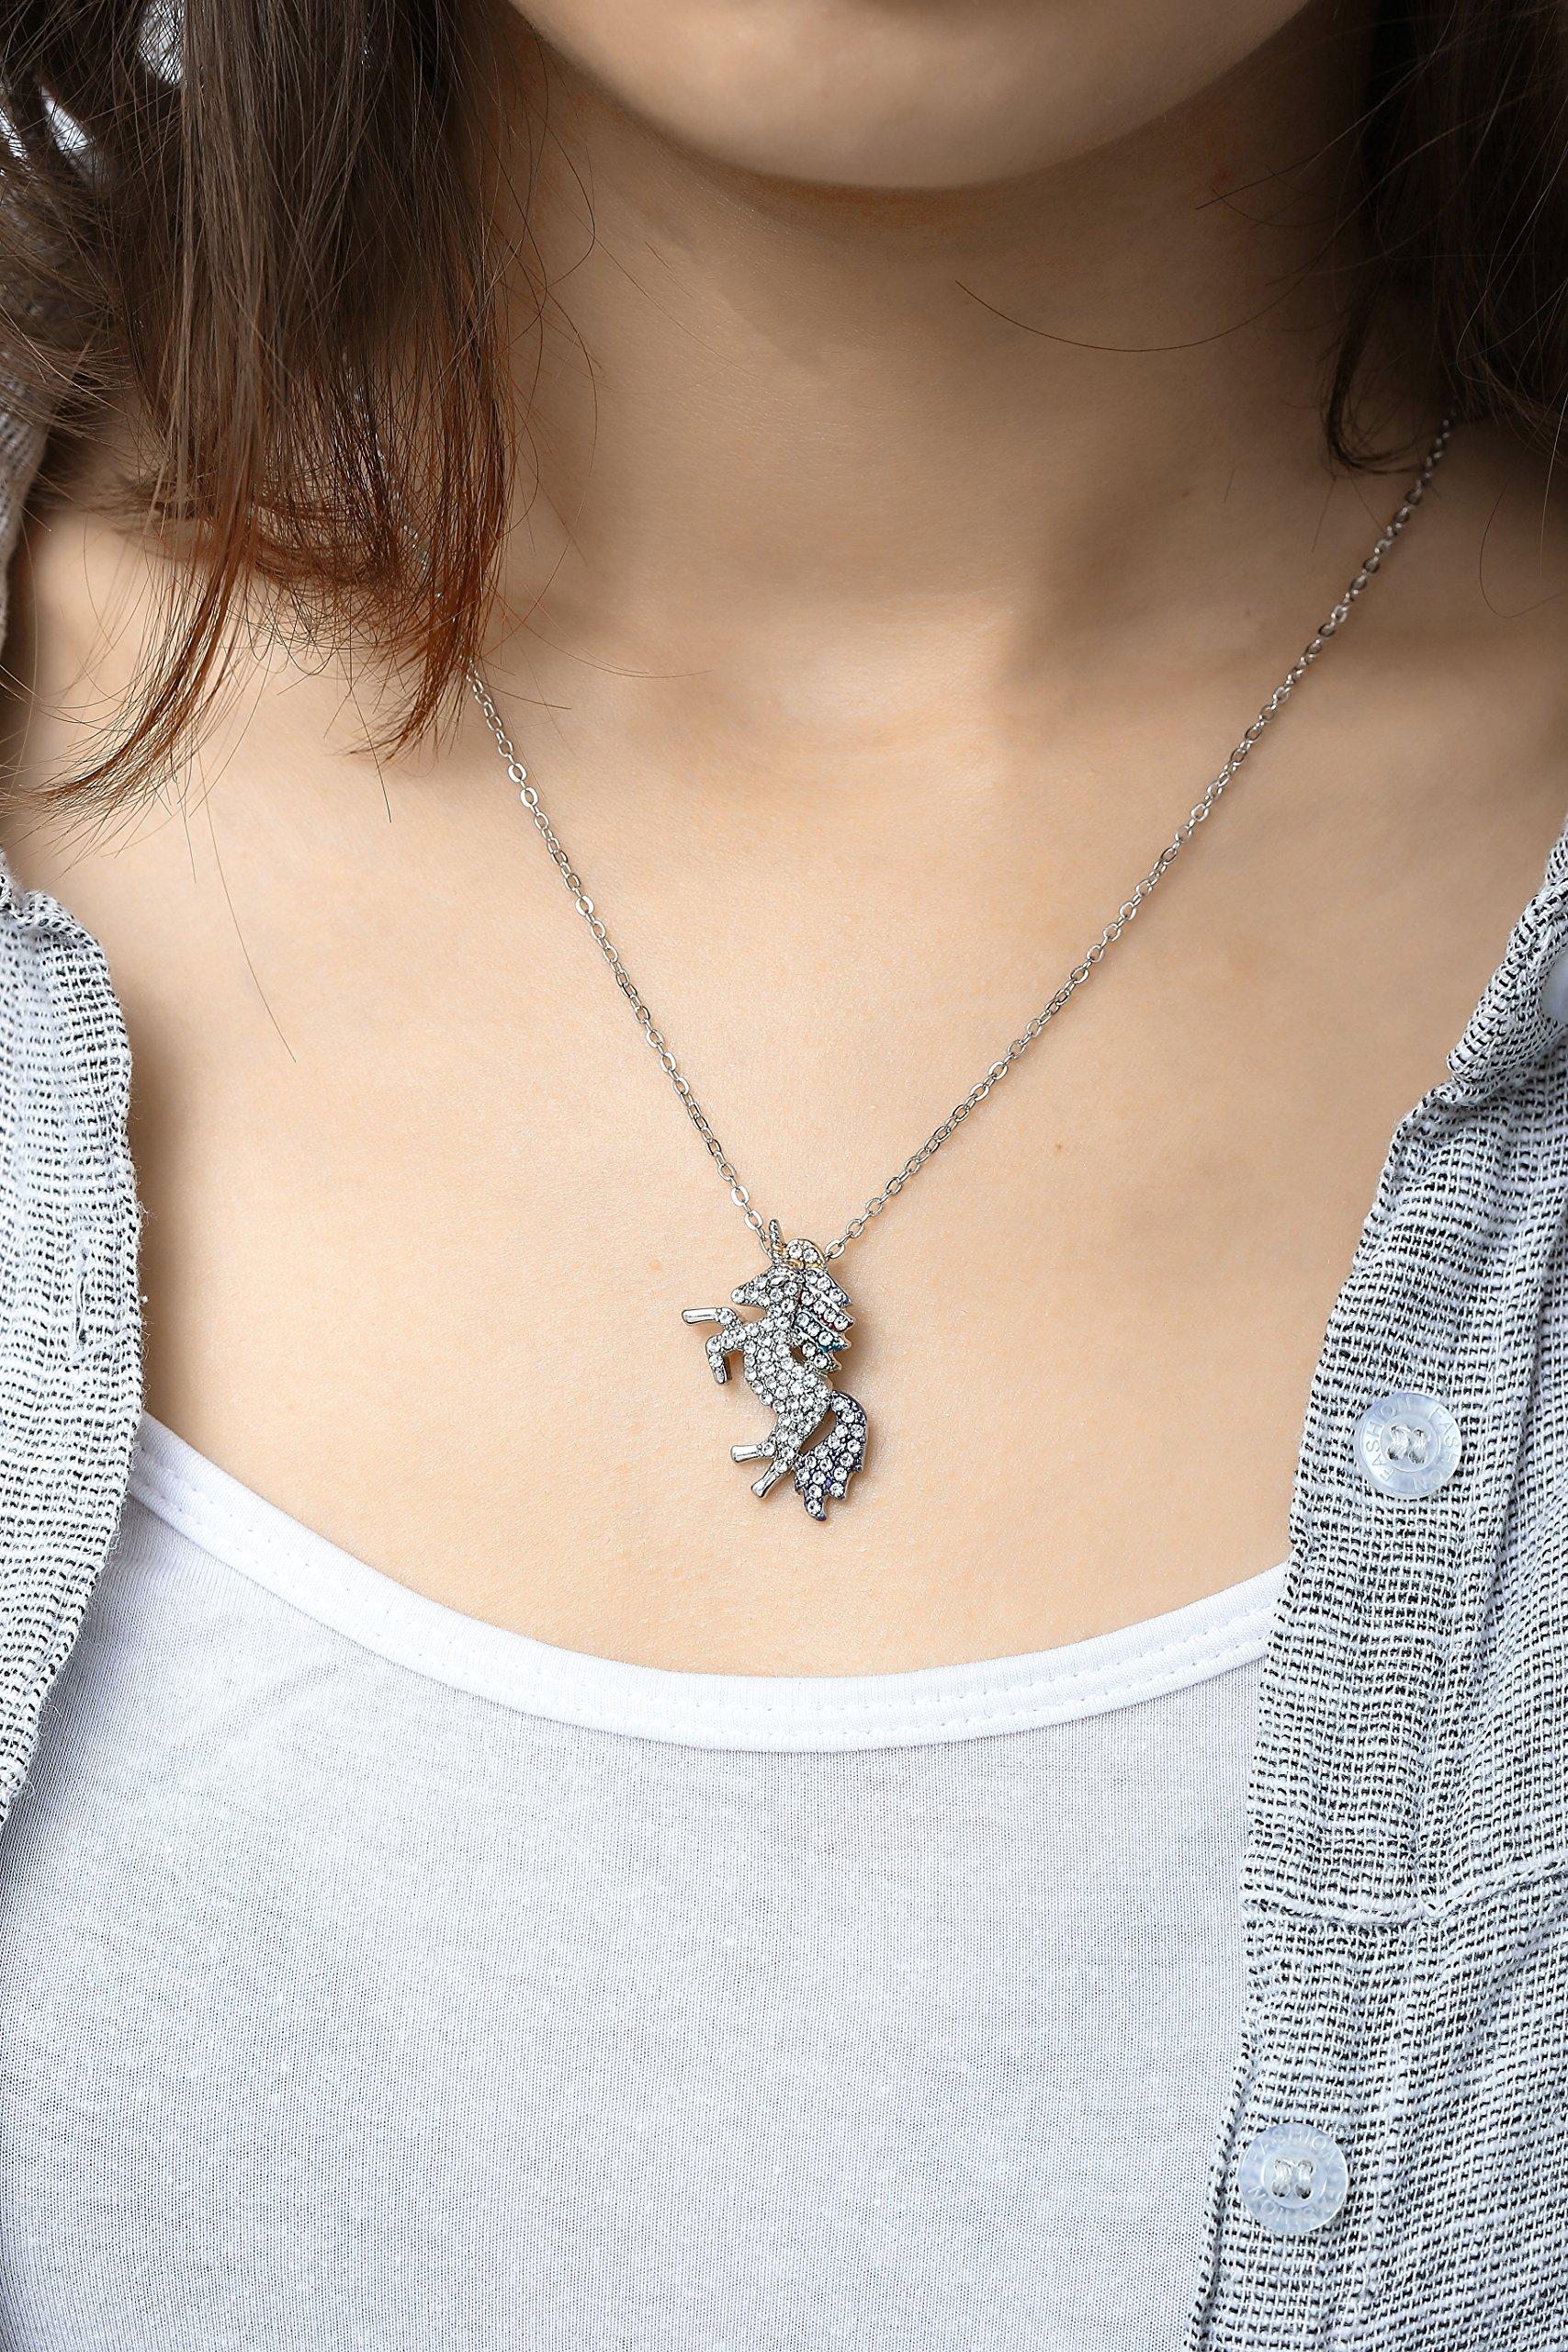 MUHU Fashion Rainbow Rhinestones Unicorn Pendant Necklace 4